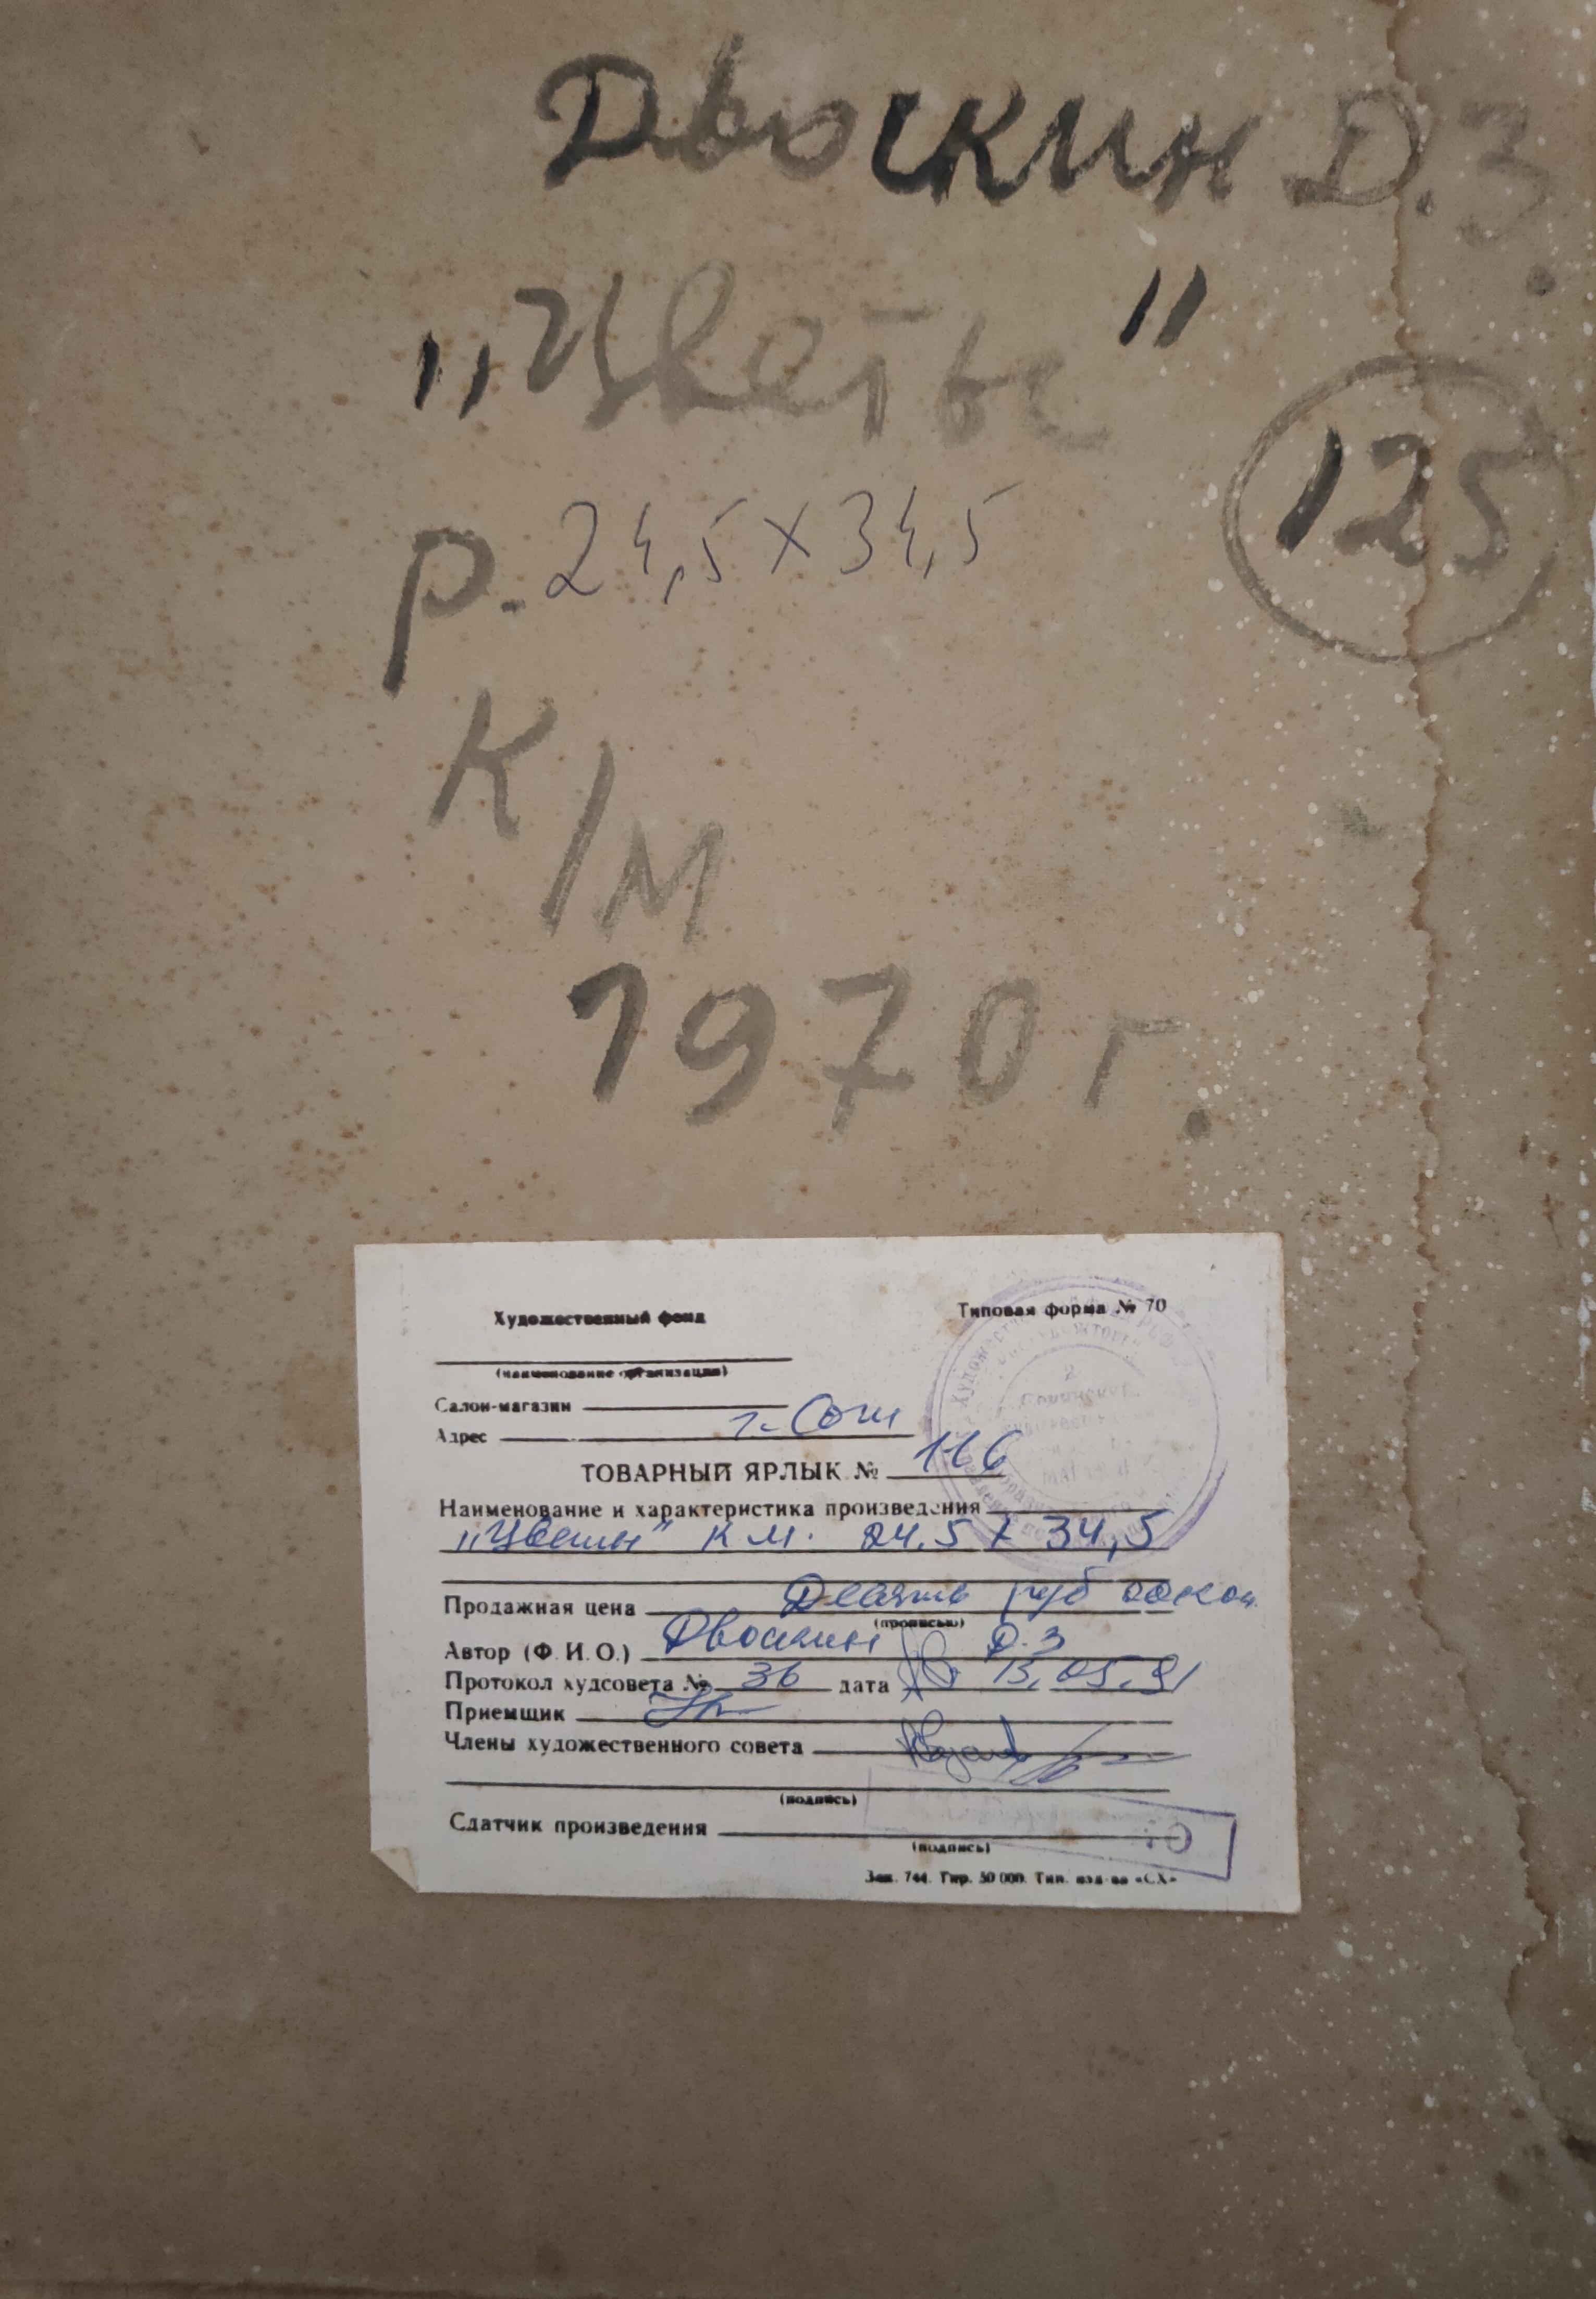 Цветы 34.5-24.5 см., картон, масло 1970 год  - 1